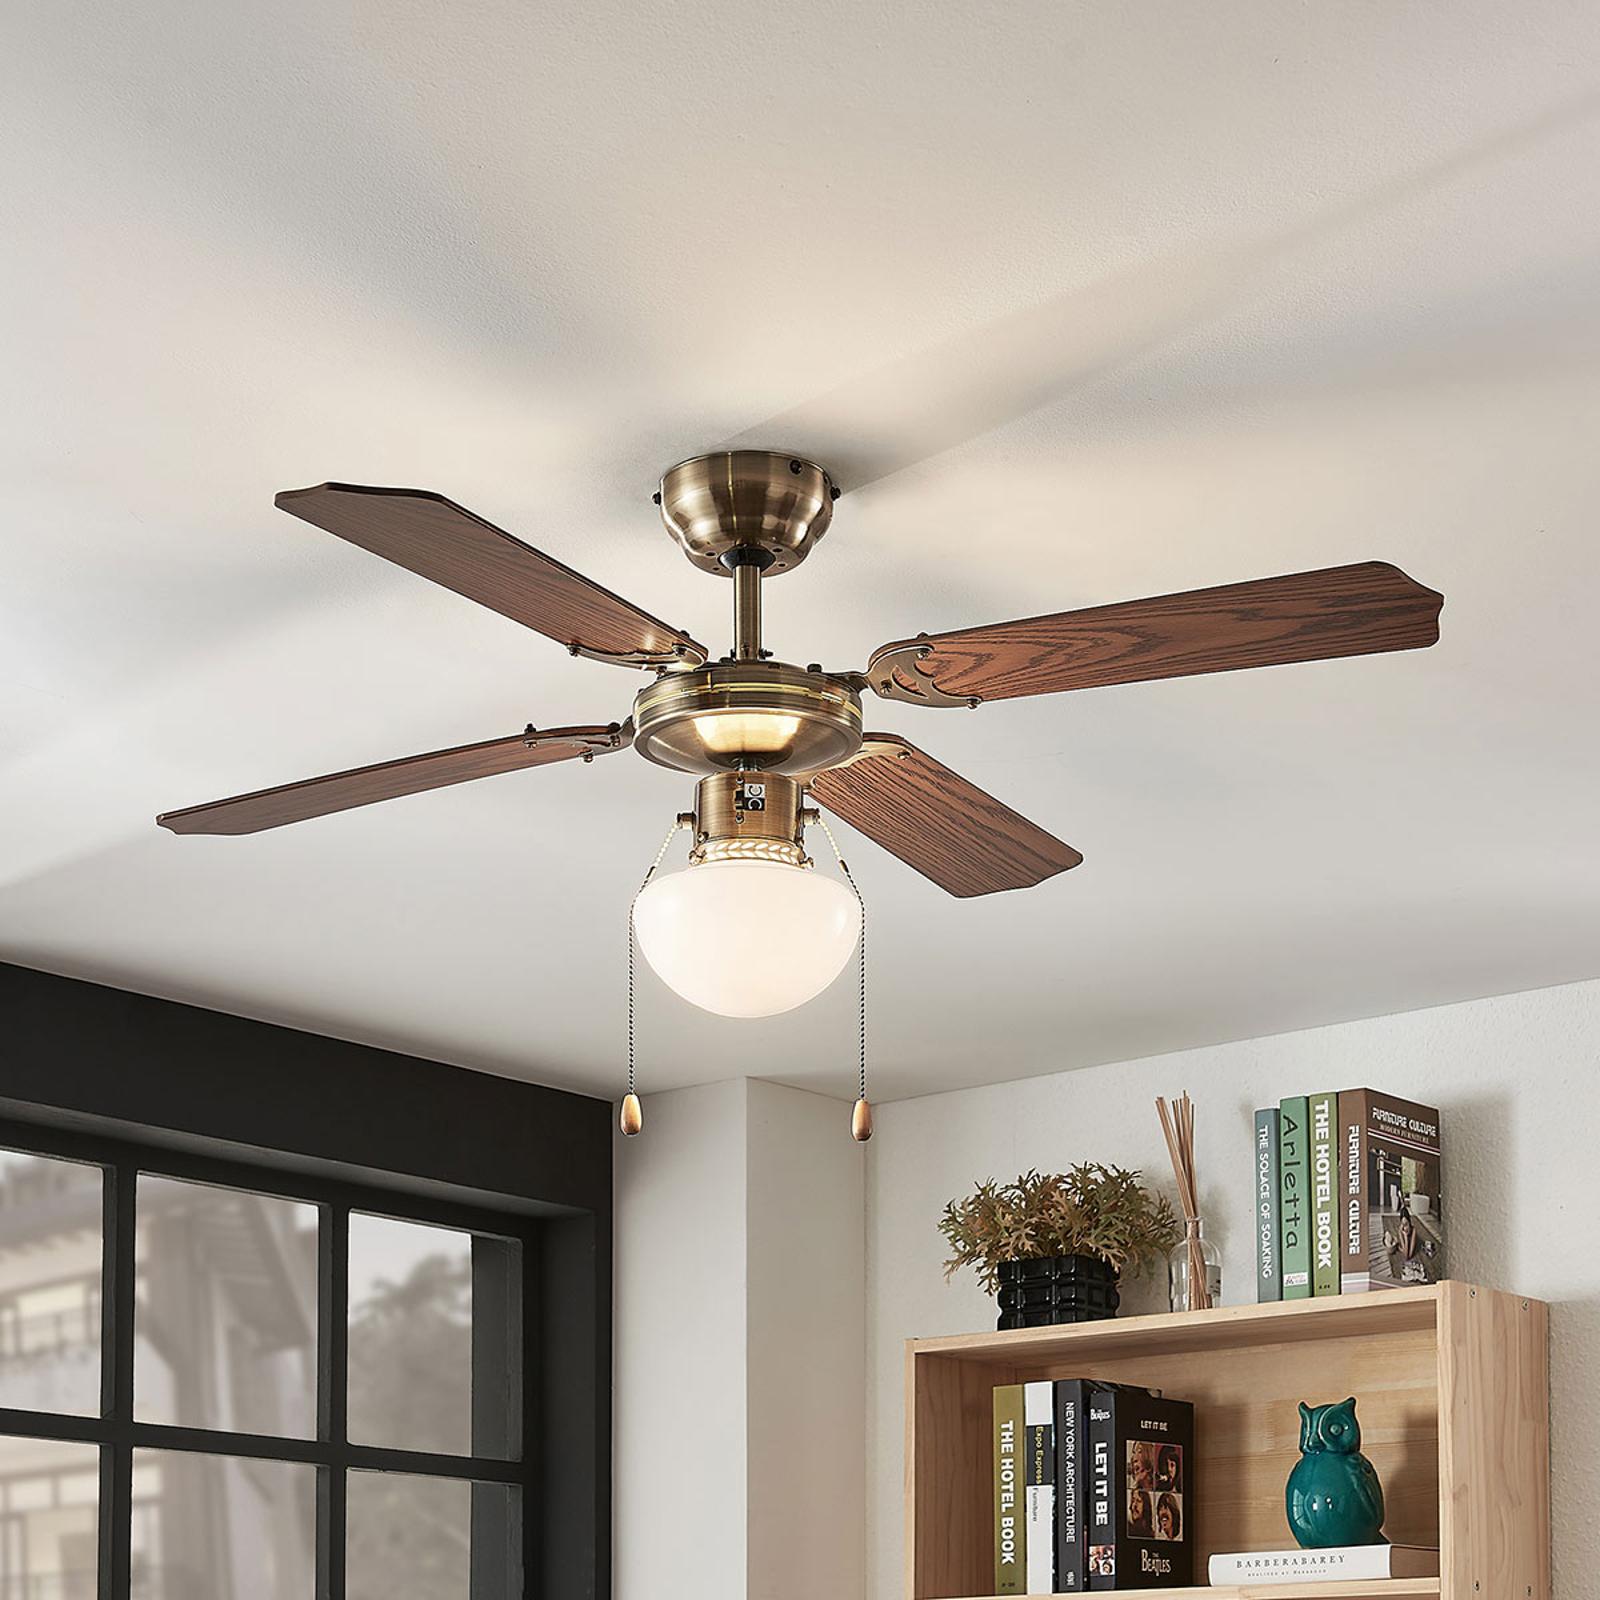 Ventilateur de plafond Joulin, éclairé, chêne